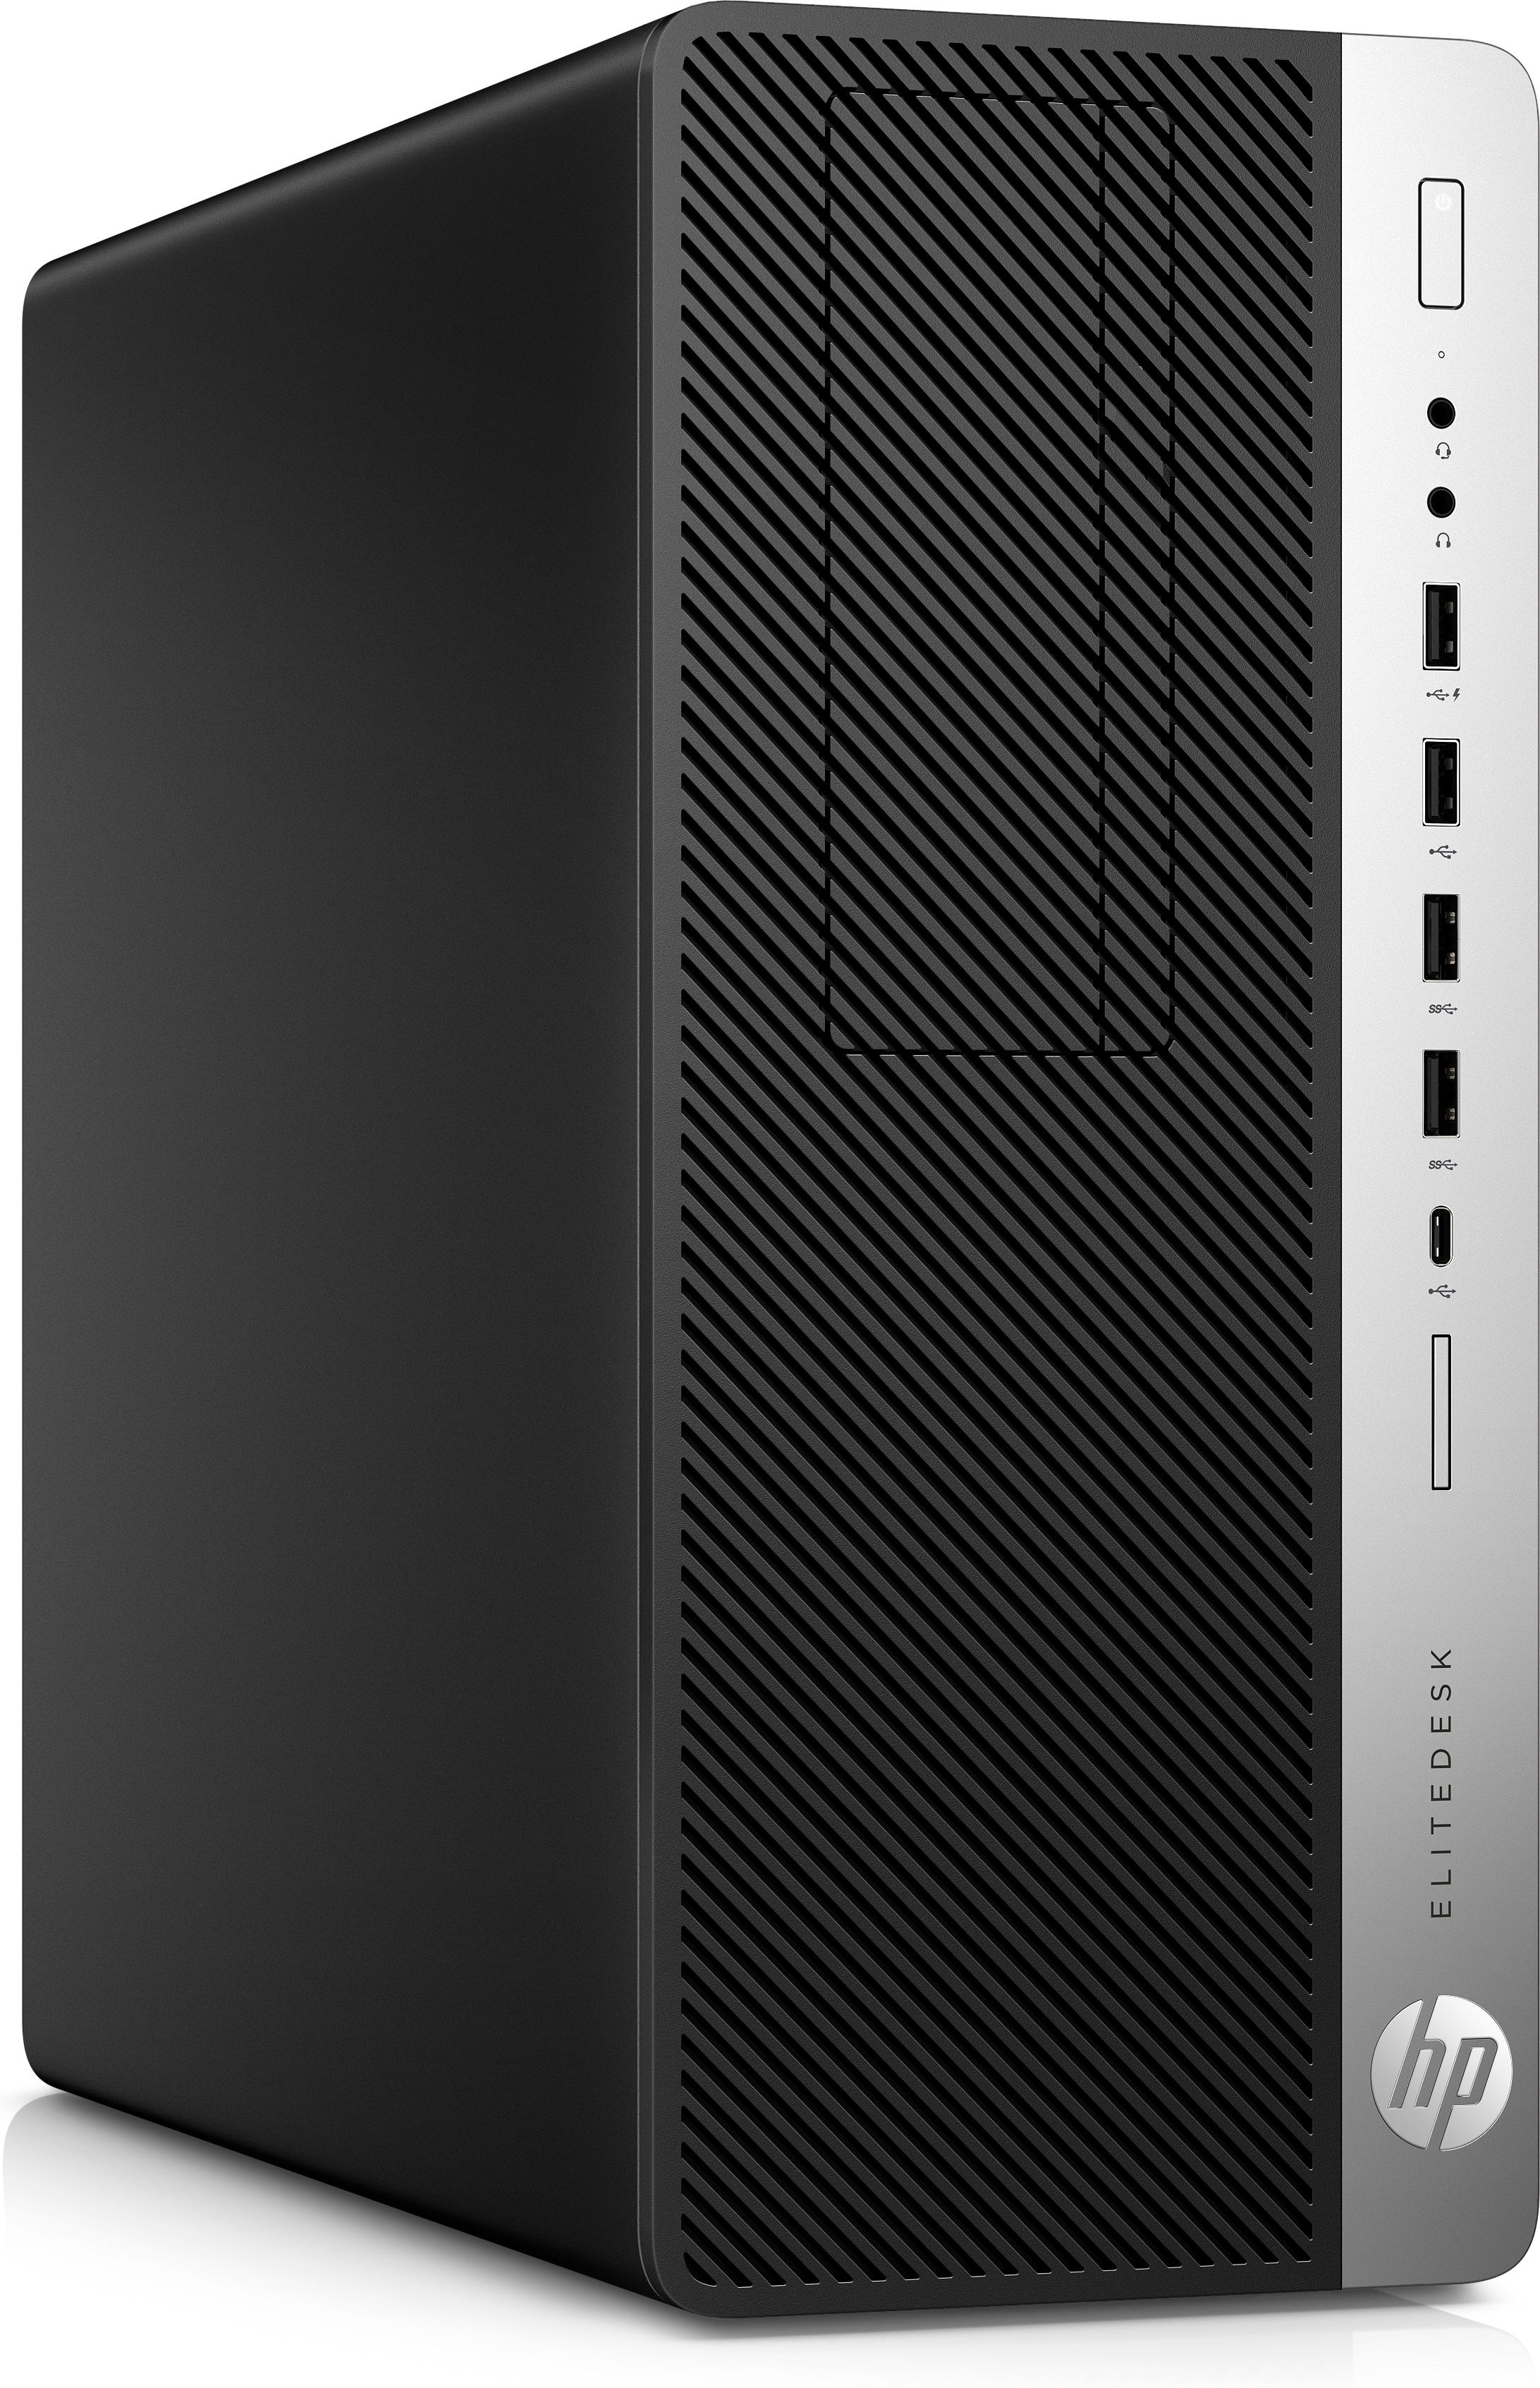 HP EliteDesk 800 G5 - Tower - Core i7 9700 / 3 GHz